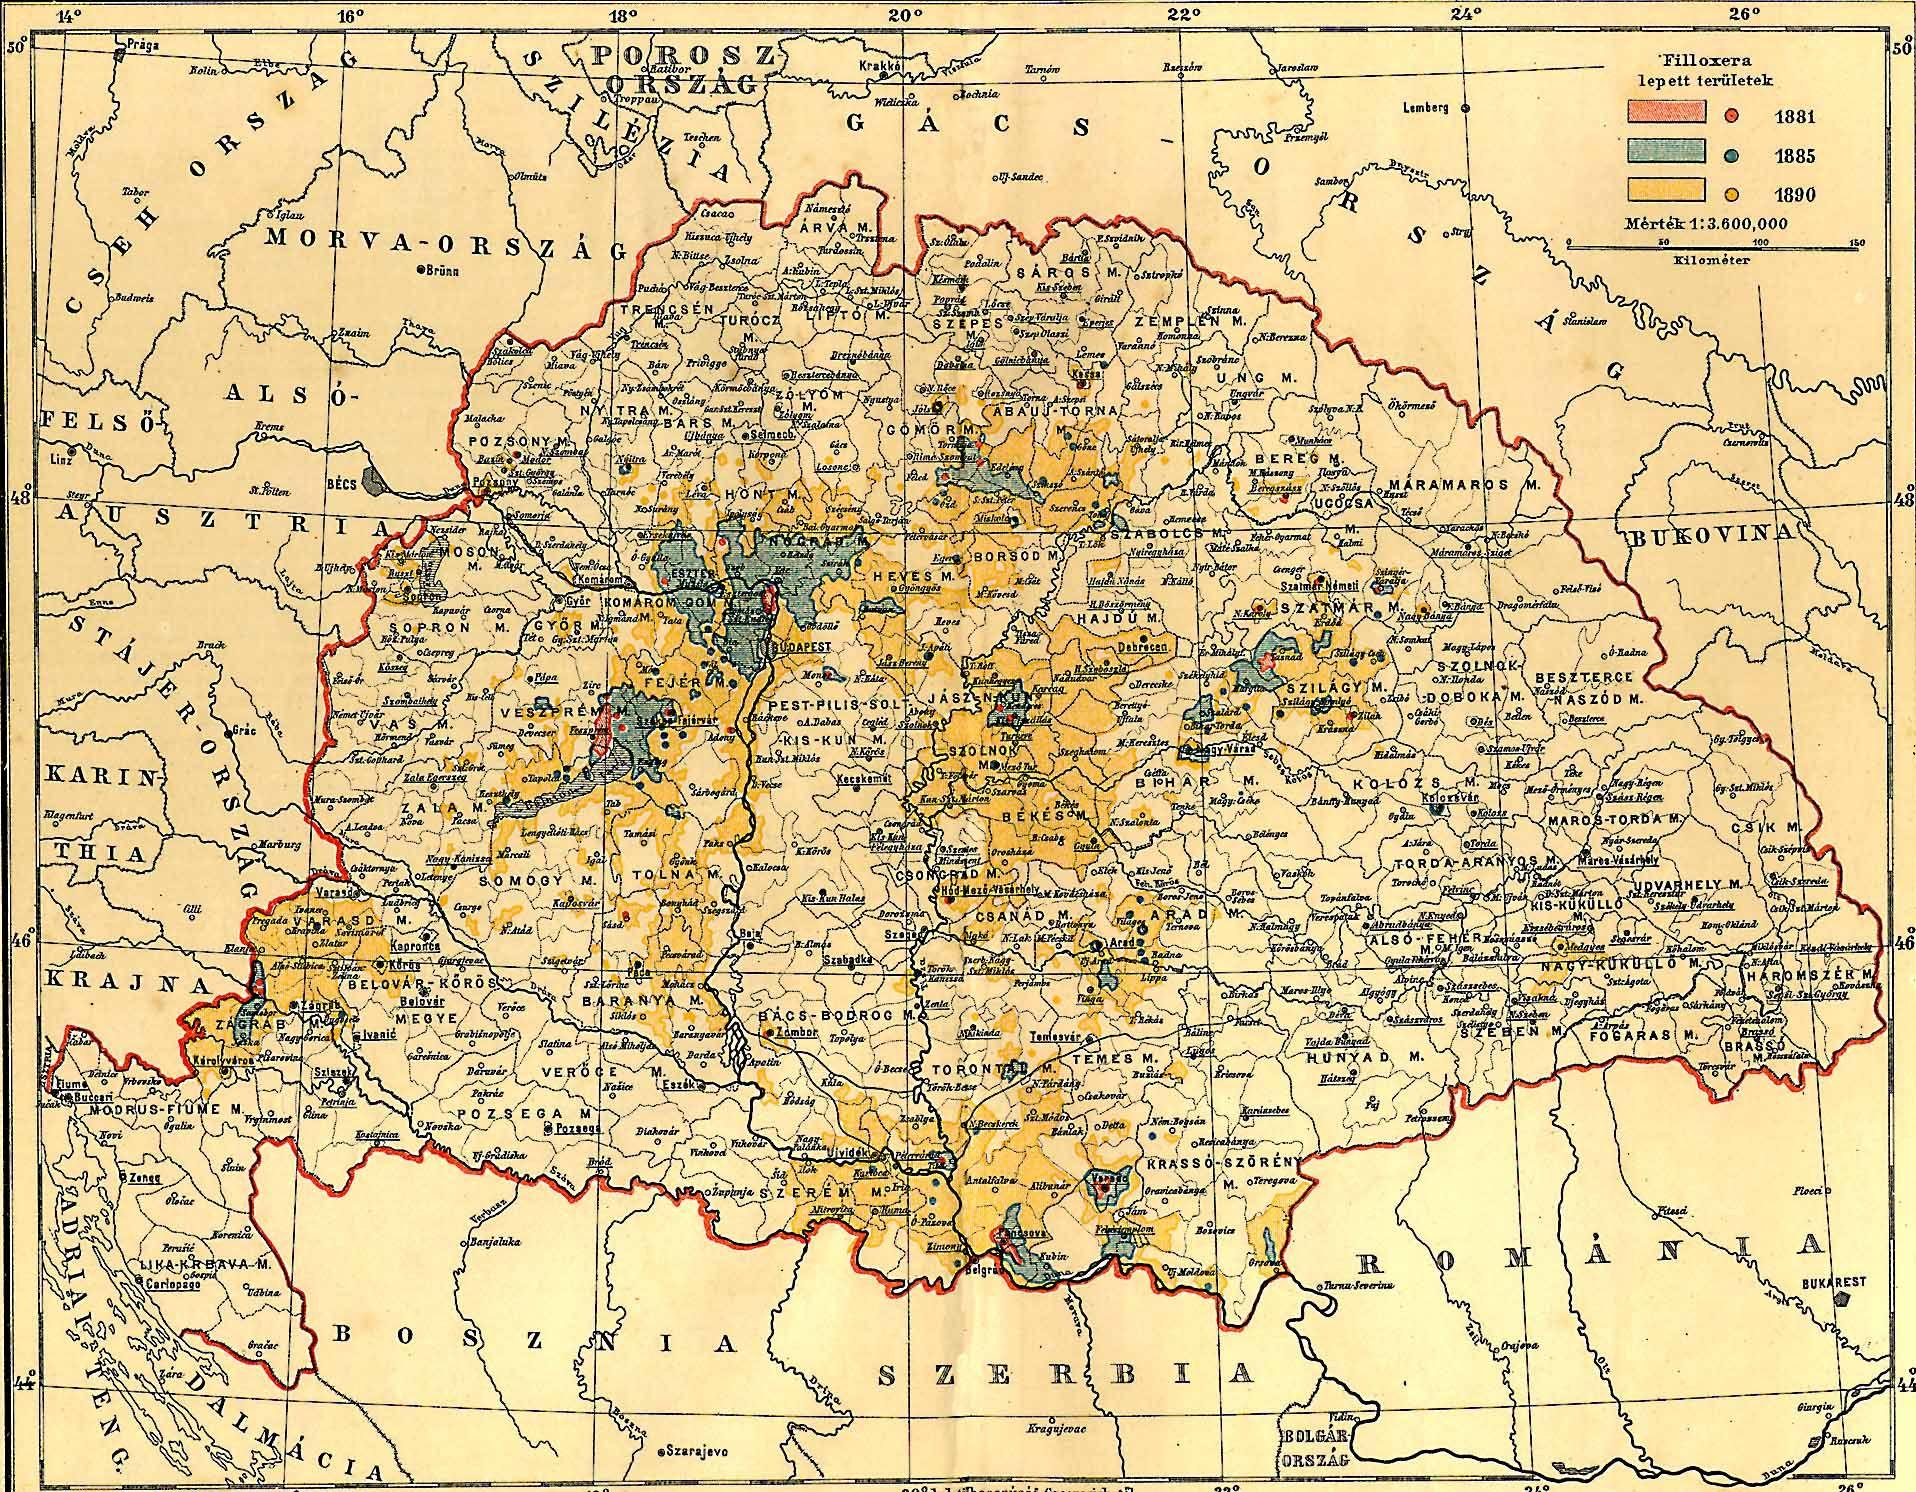 magyarország térkép 1864 Fájl:Magyarország Filoxéra térkép 1890. – Wikipédia magyarország térkép 1864